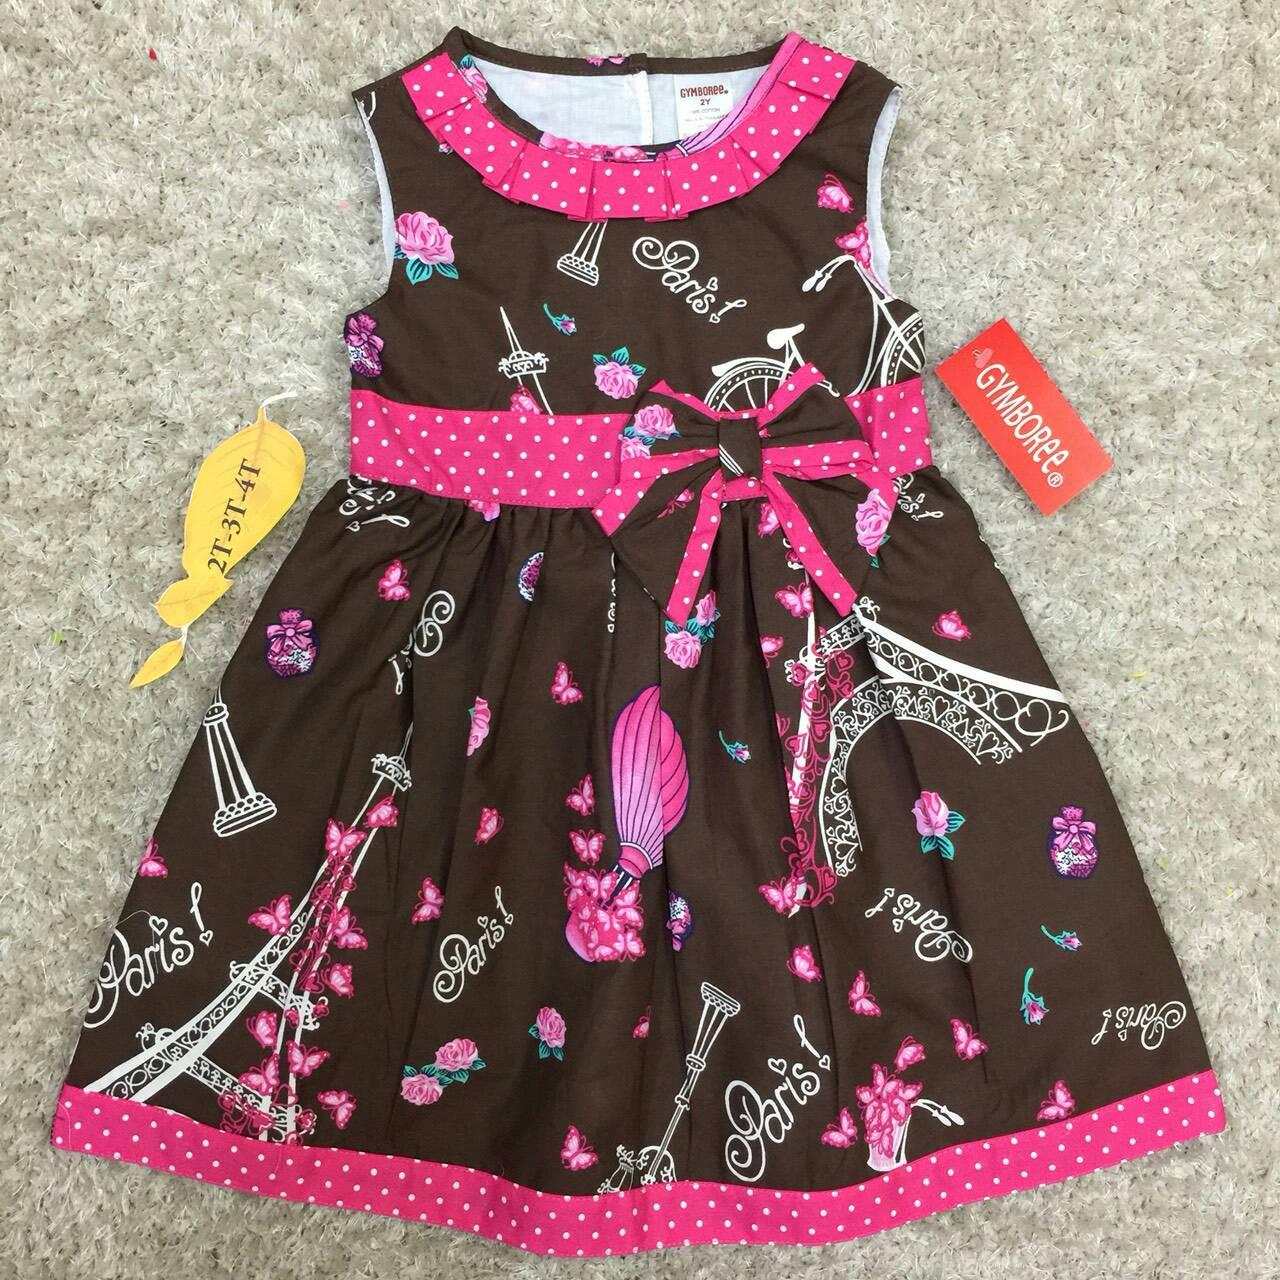 เสื้อผ้าเด็ก ชุดเดรสเด็ก 2-4ปี size 2Y-3Y-4Y